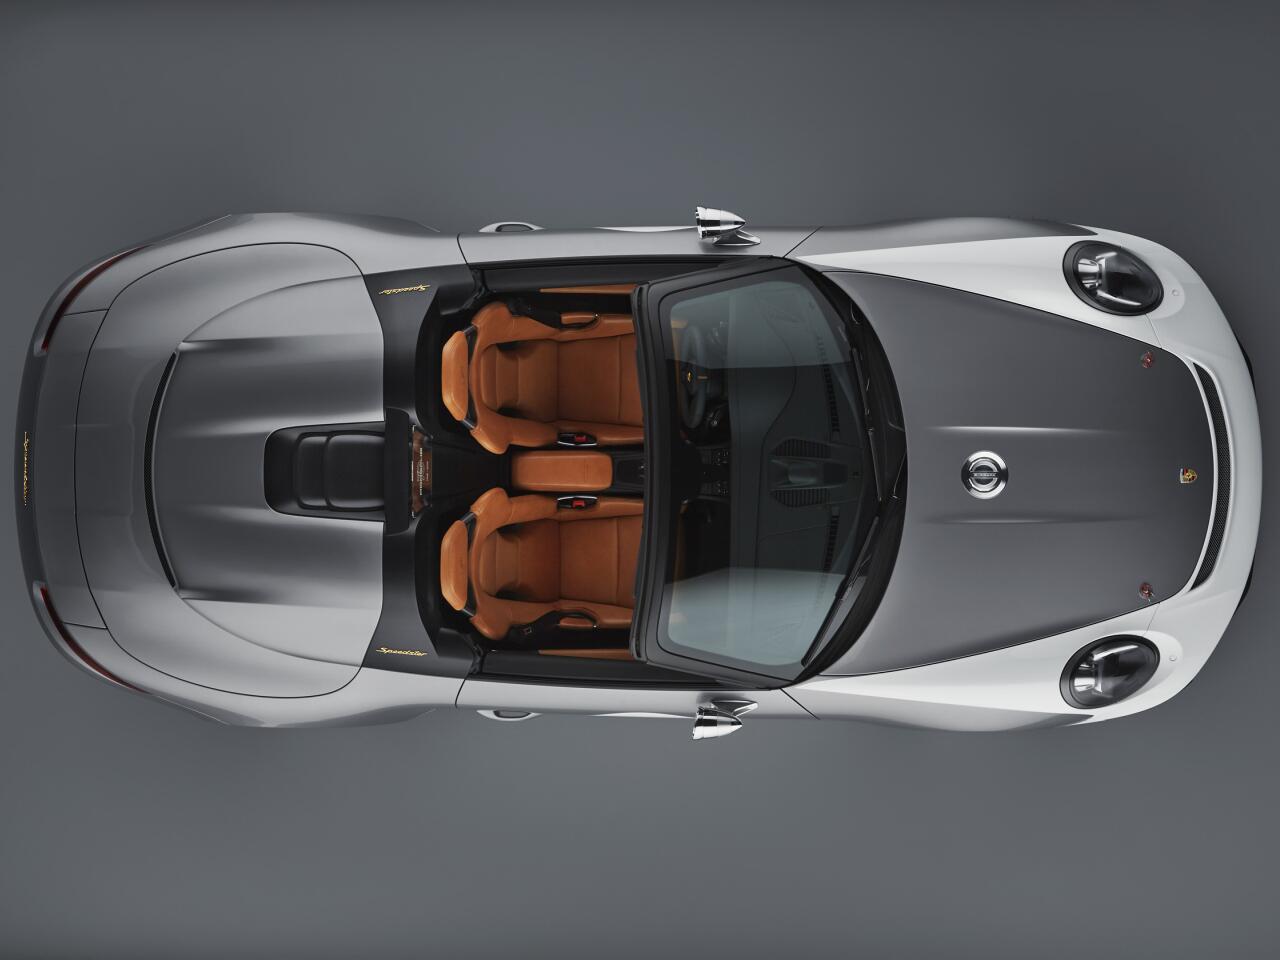 Bild zu Fahrerauto in Reinform